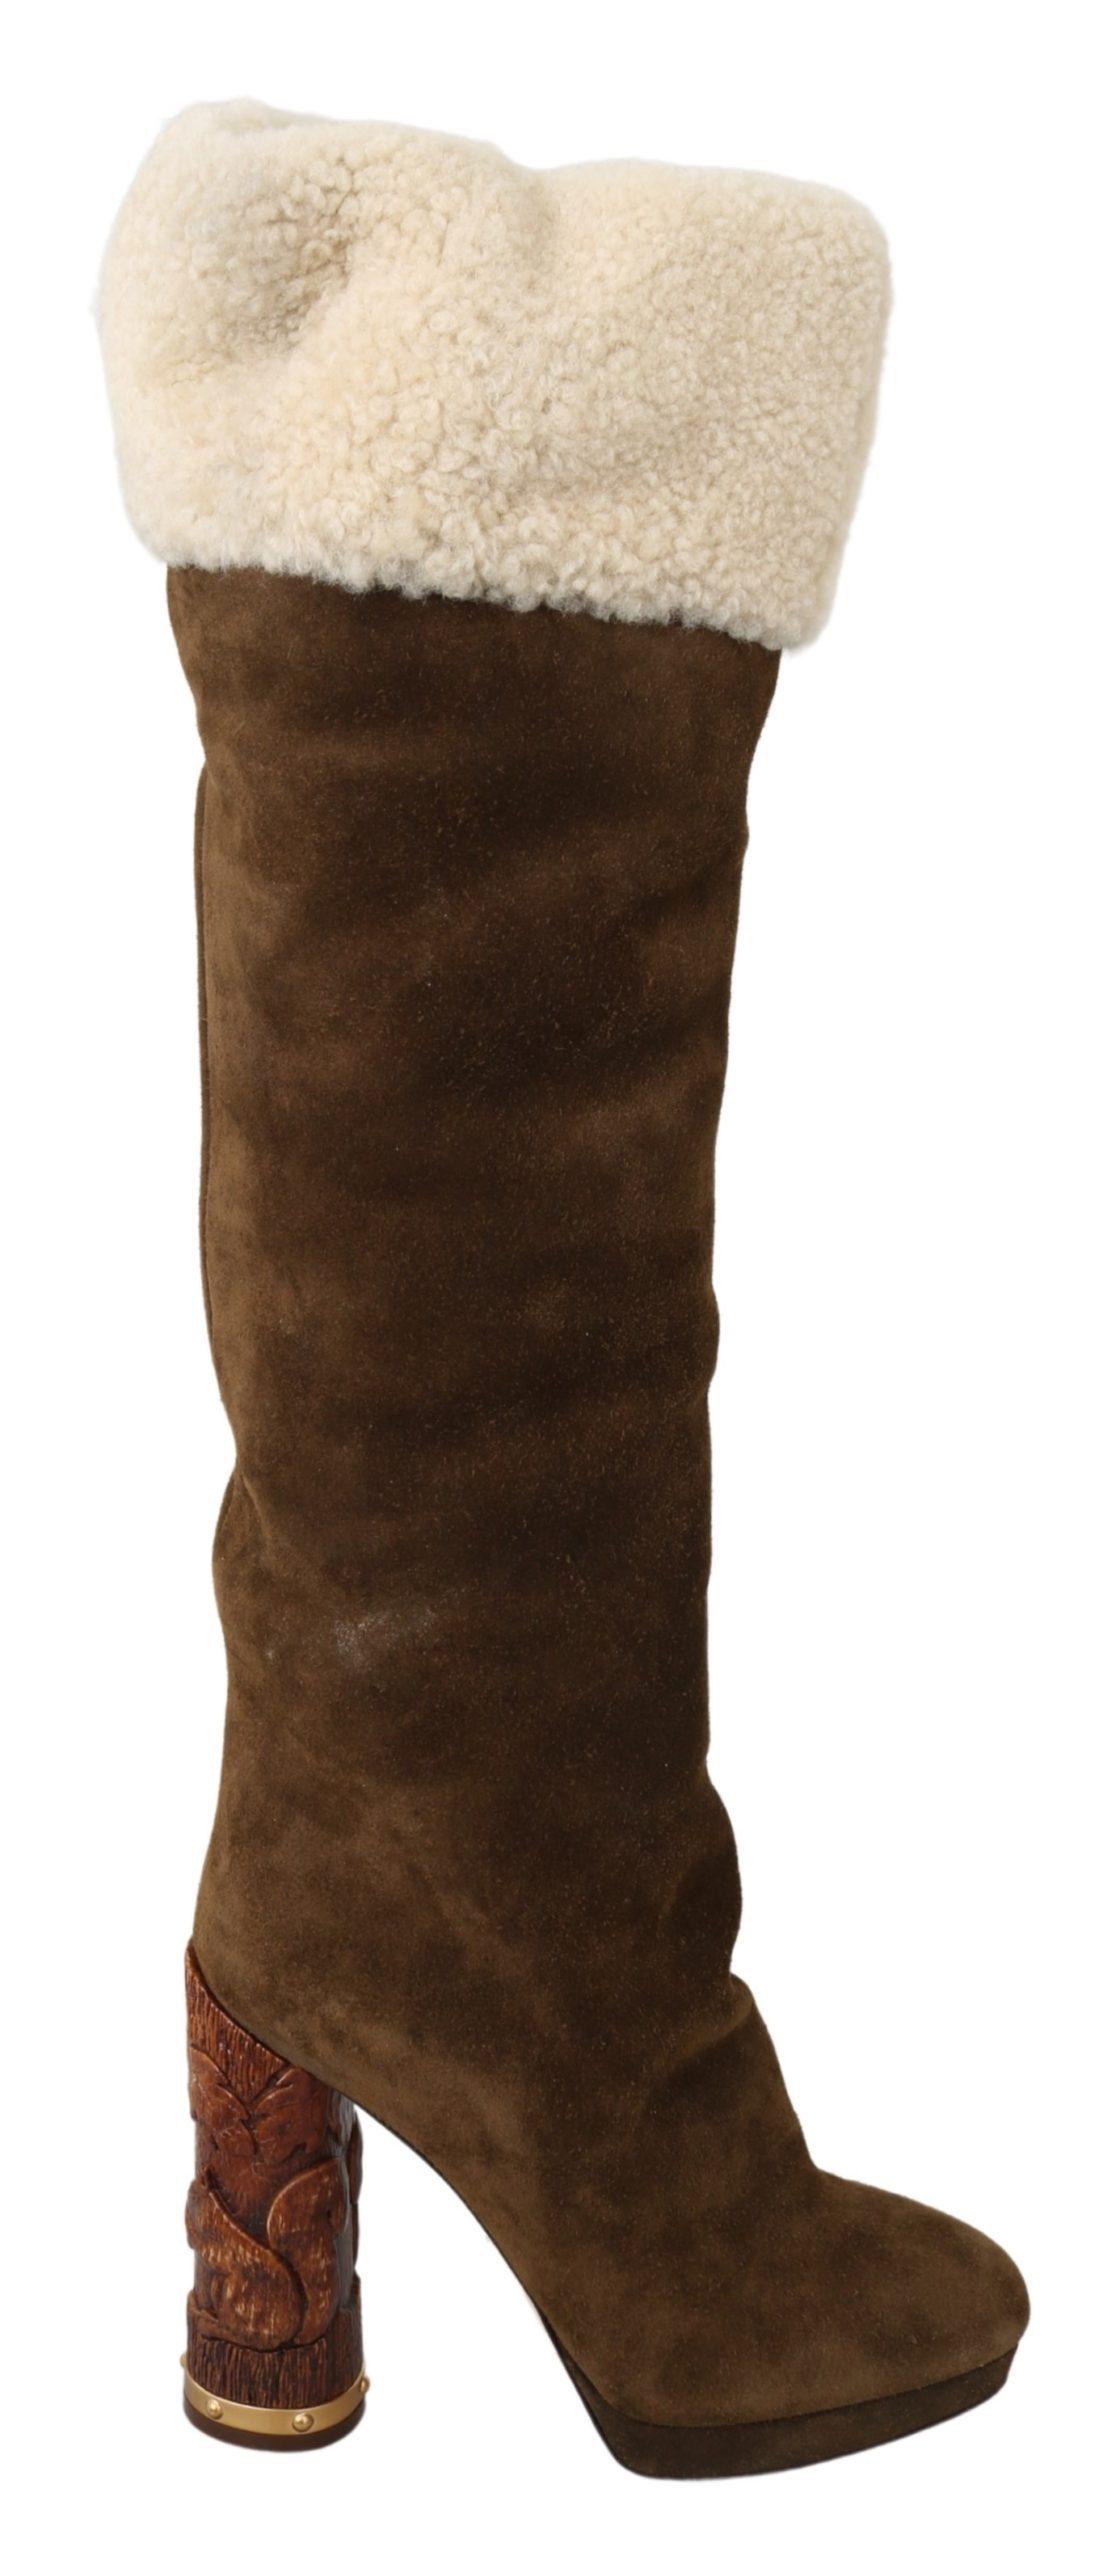 Dolce & Gabbana Women's Suede Shearling Knee High Boot Brown LA7088 - EU39/US8.5